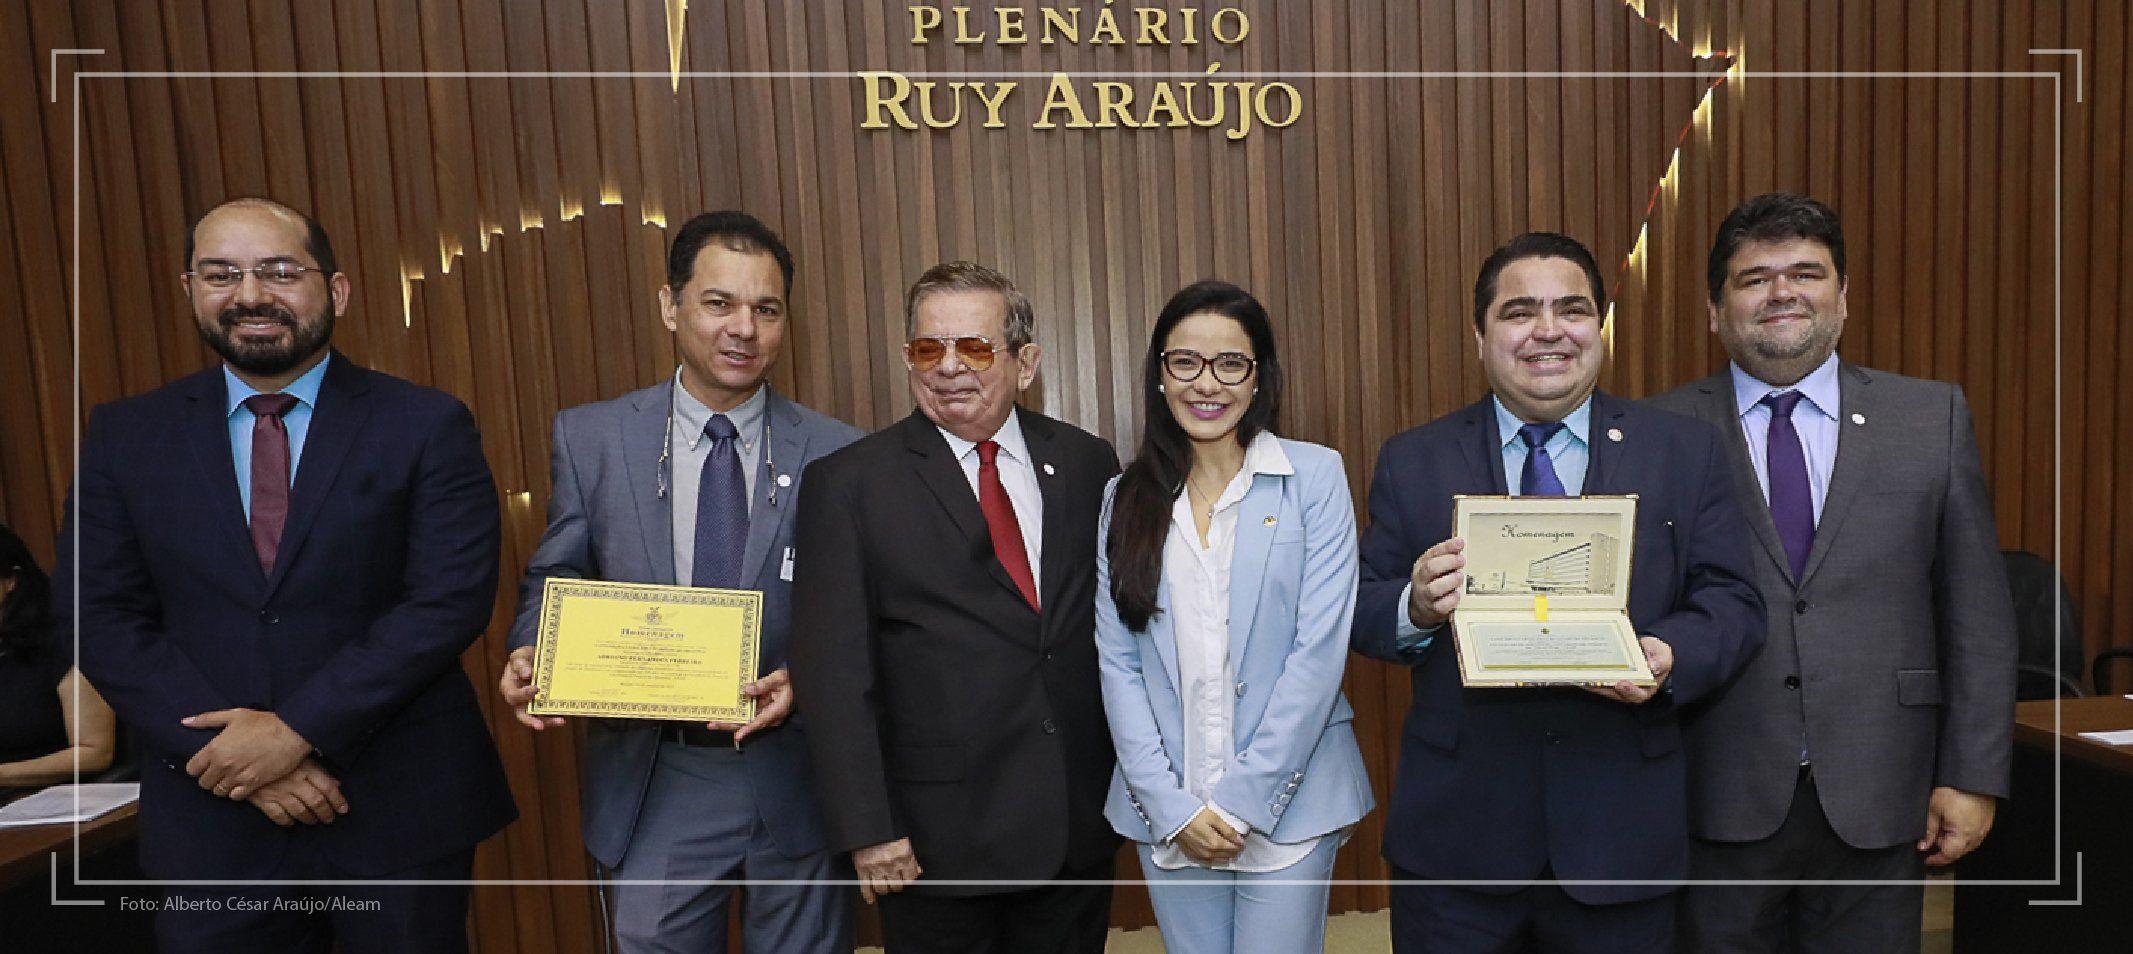 110 anos - Curso de Direito recebe homenagem na Assembleia Legislativa